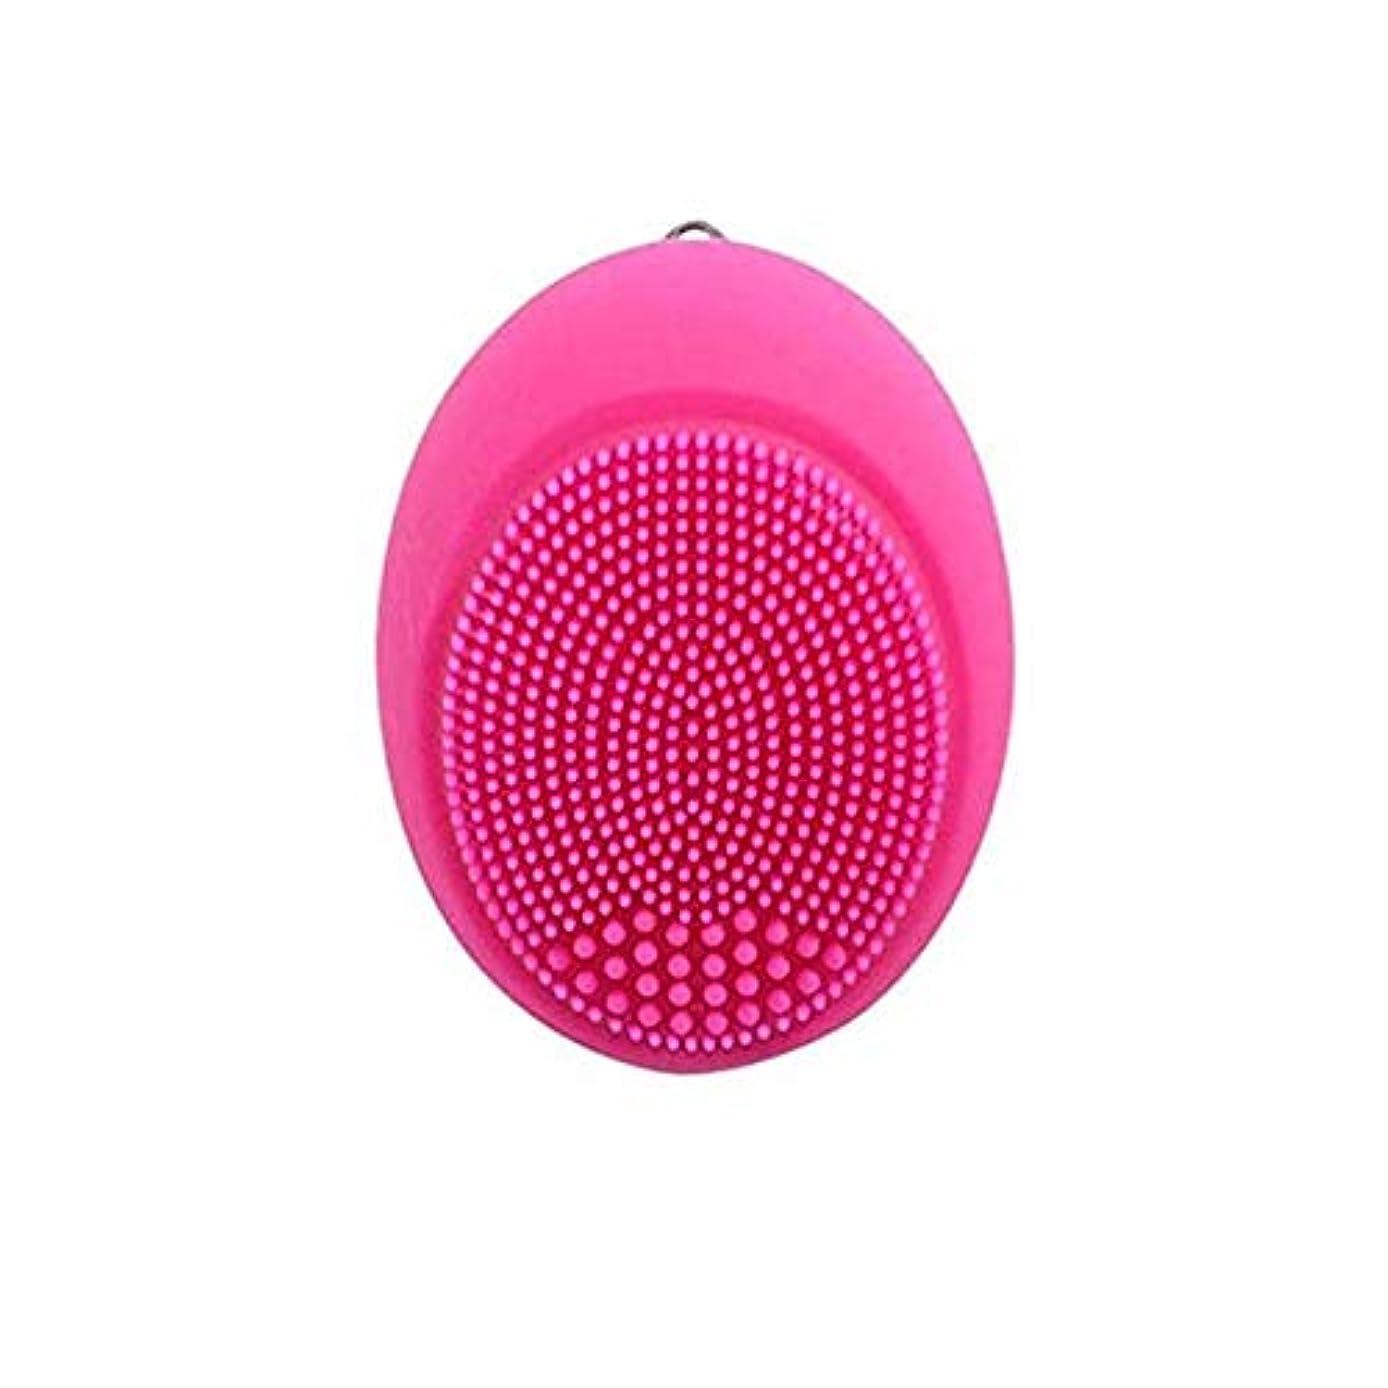 割り込み昼間鉛ソニックバイブレーションフェイシャルクレンジングブラシ、シリコンディープクレンジングブラシスキンクレンザーアンチエイジングジェントルエクスフォリエイティングリジュビネイトスキンマルチカラー (Color : Rose pink)